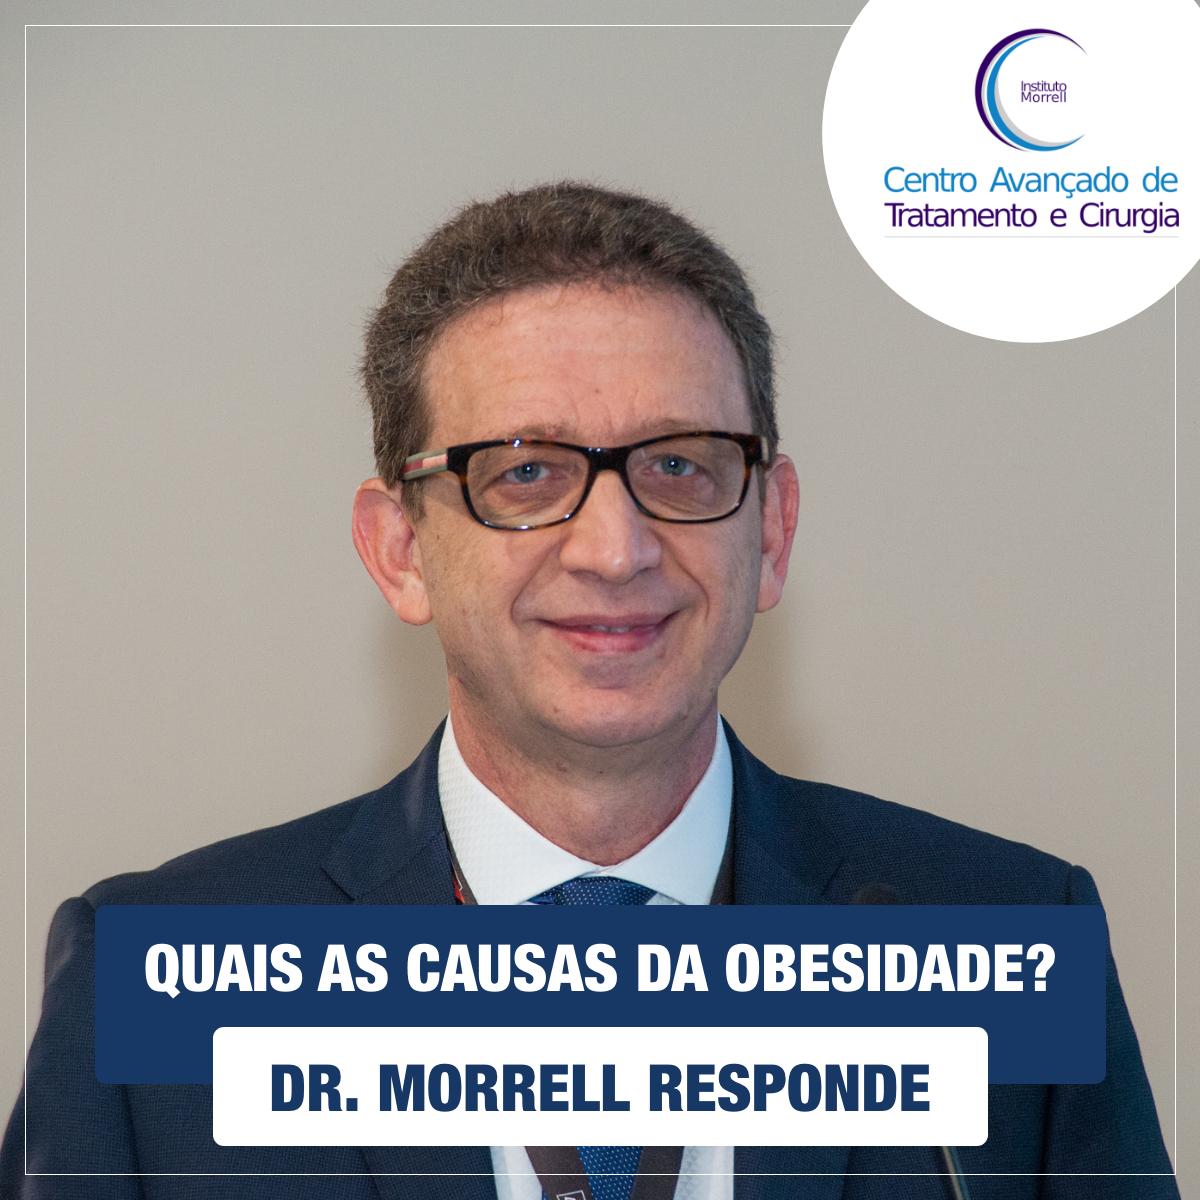 DR._MORRELL_RESPONDE_-_QUAIS_AS_CAUSAS_DA_OBESIDADE-1200x1200.png